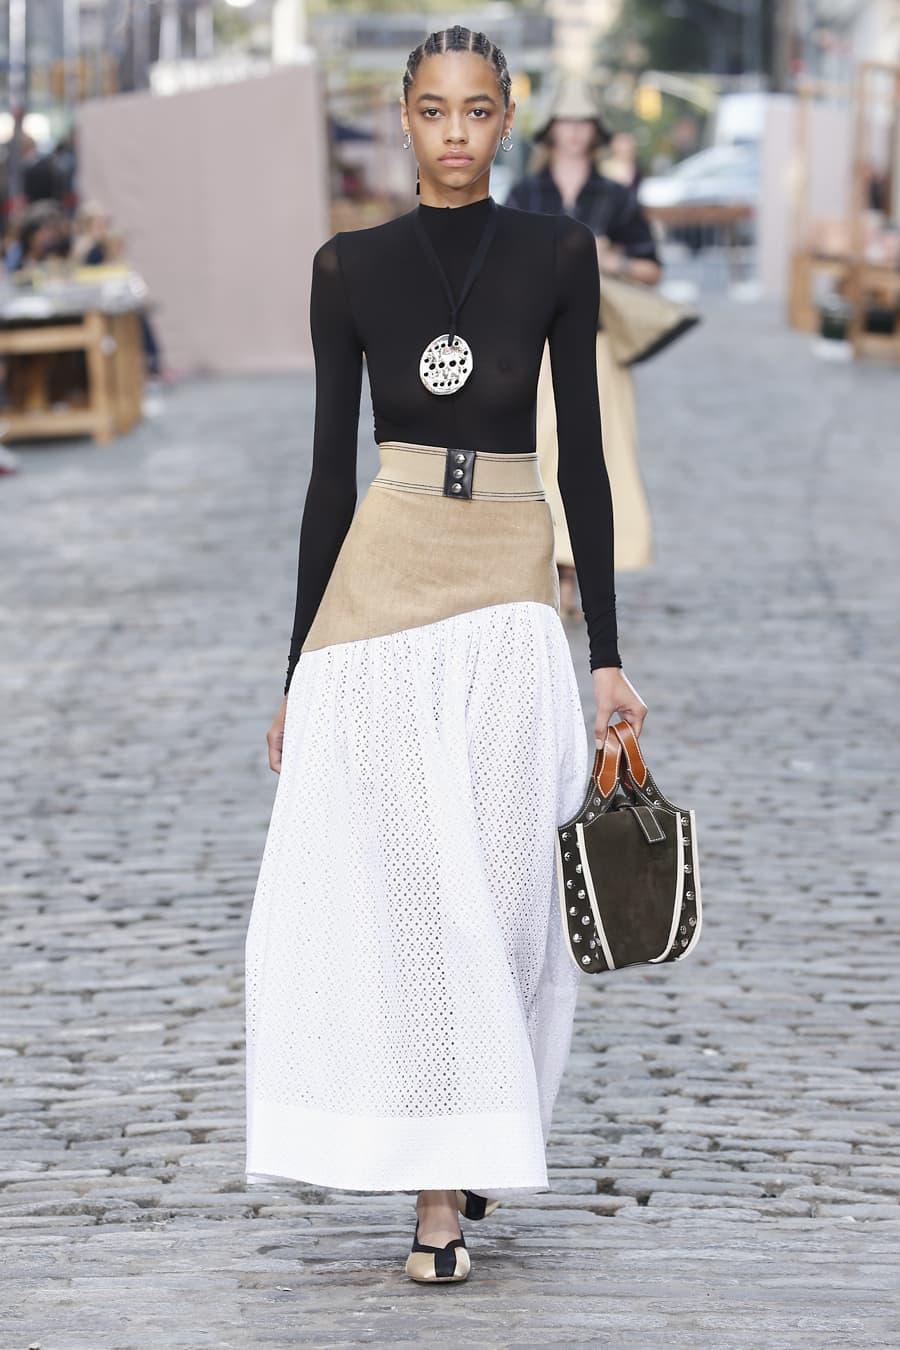 Tory Burch Spring Summer 2022 - New York Fashion Week